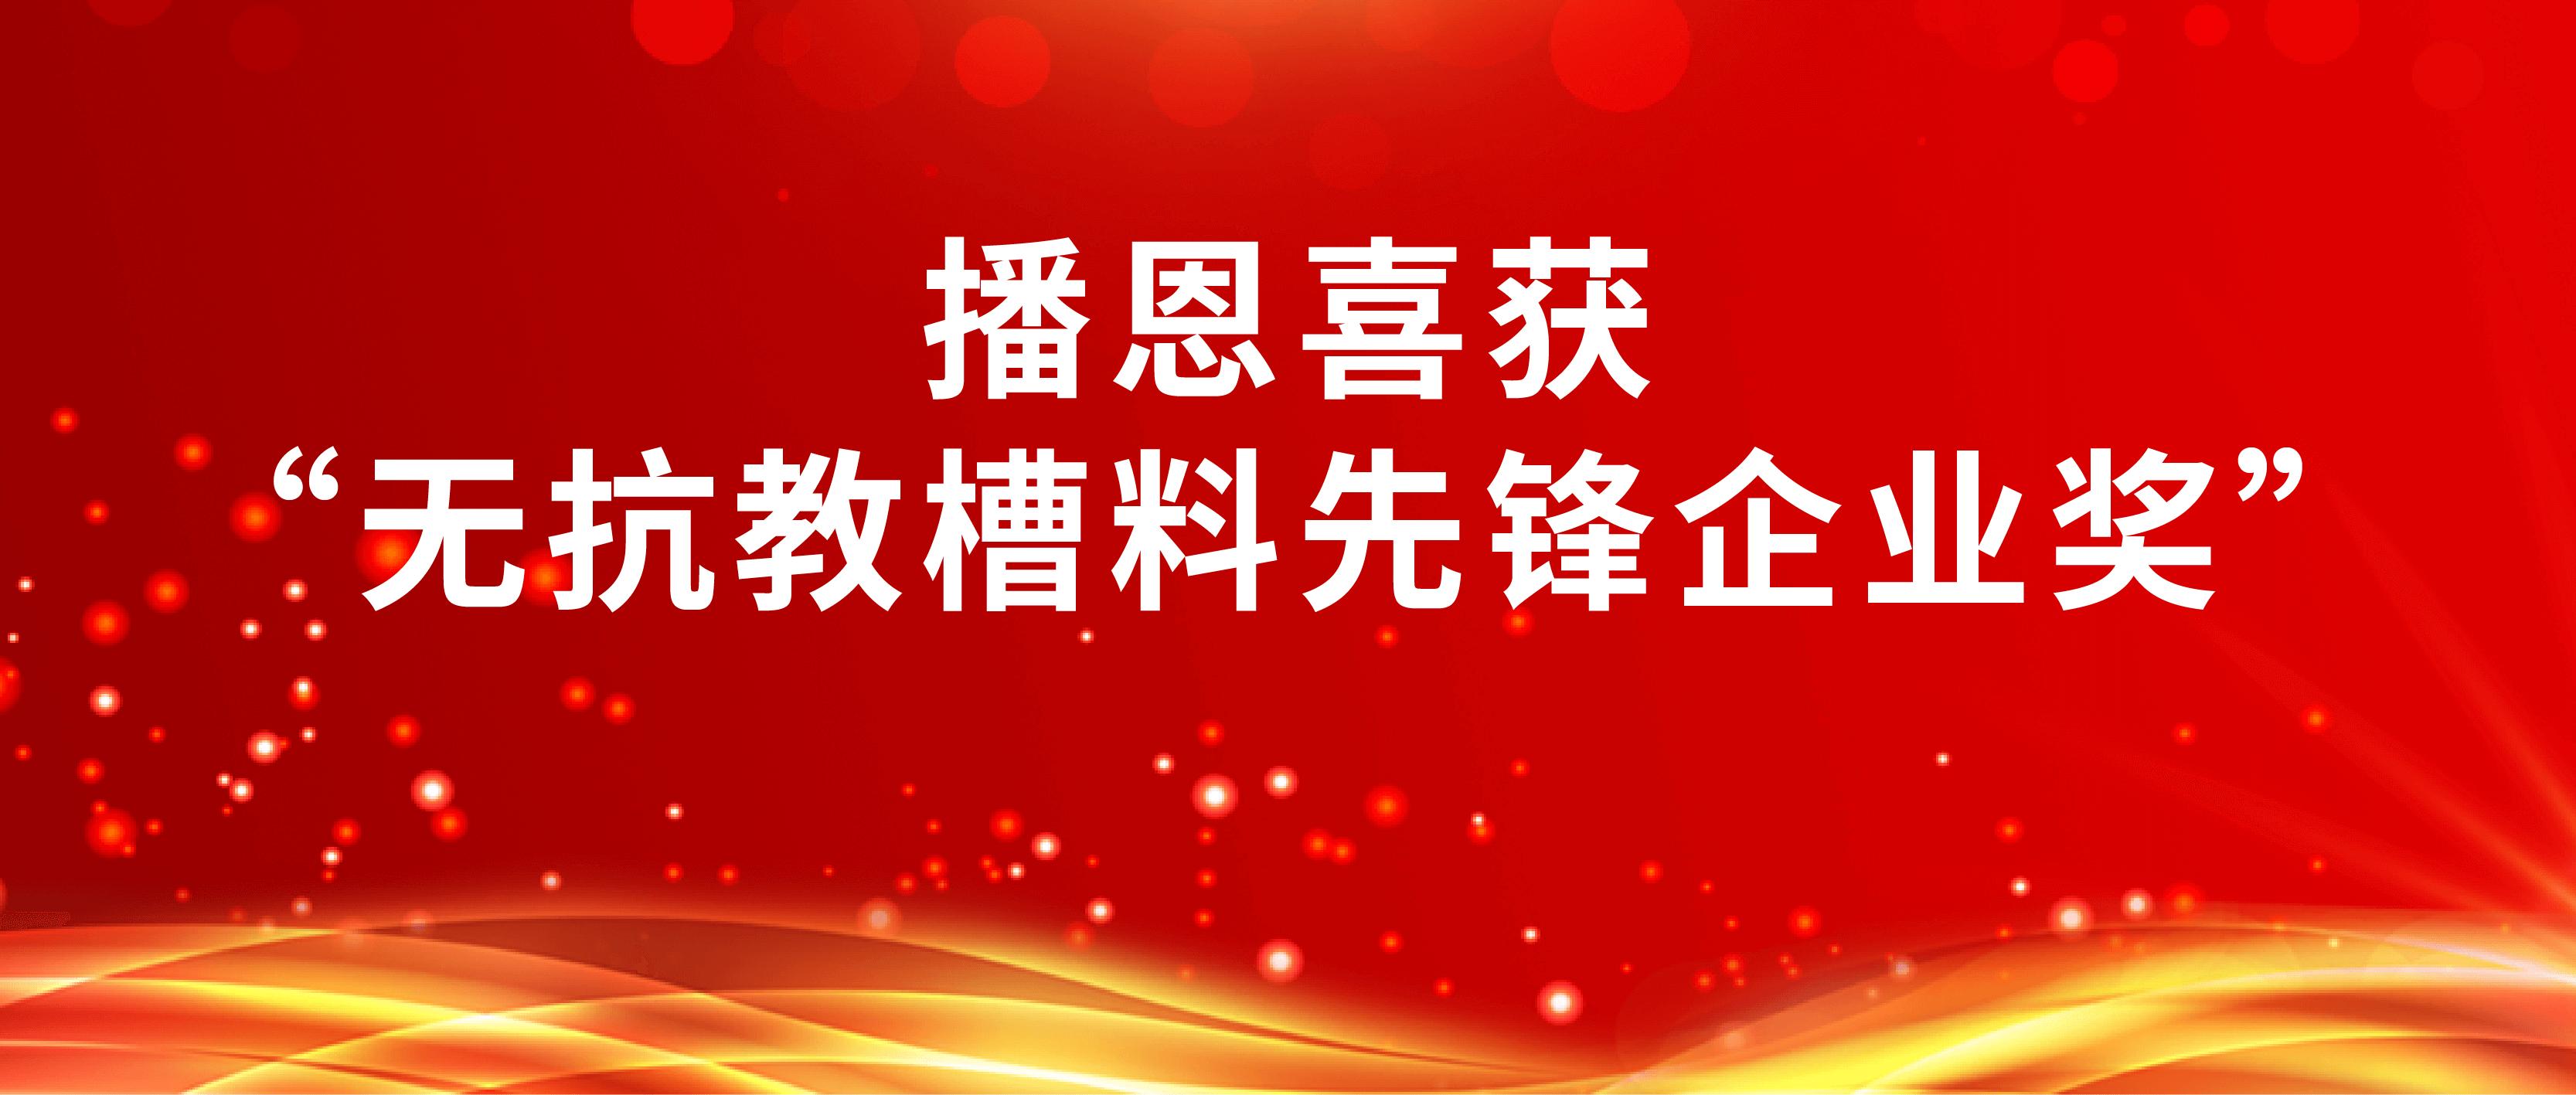 """实力加冕!播恩喜获""""无抗教槽料先锋企业奖"""""""